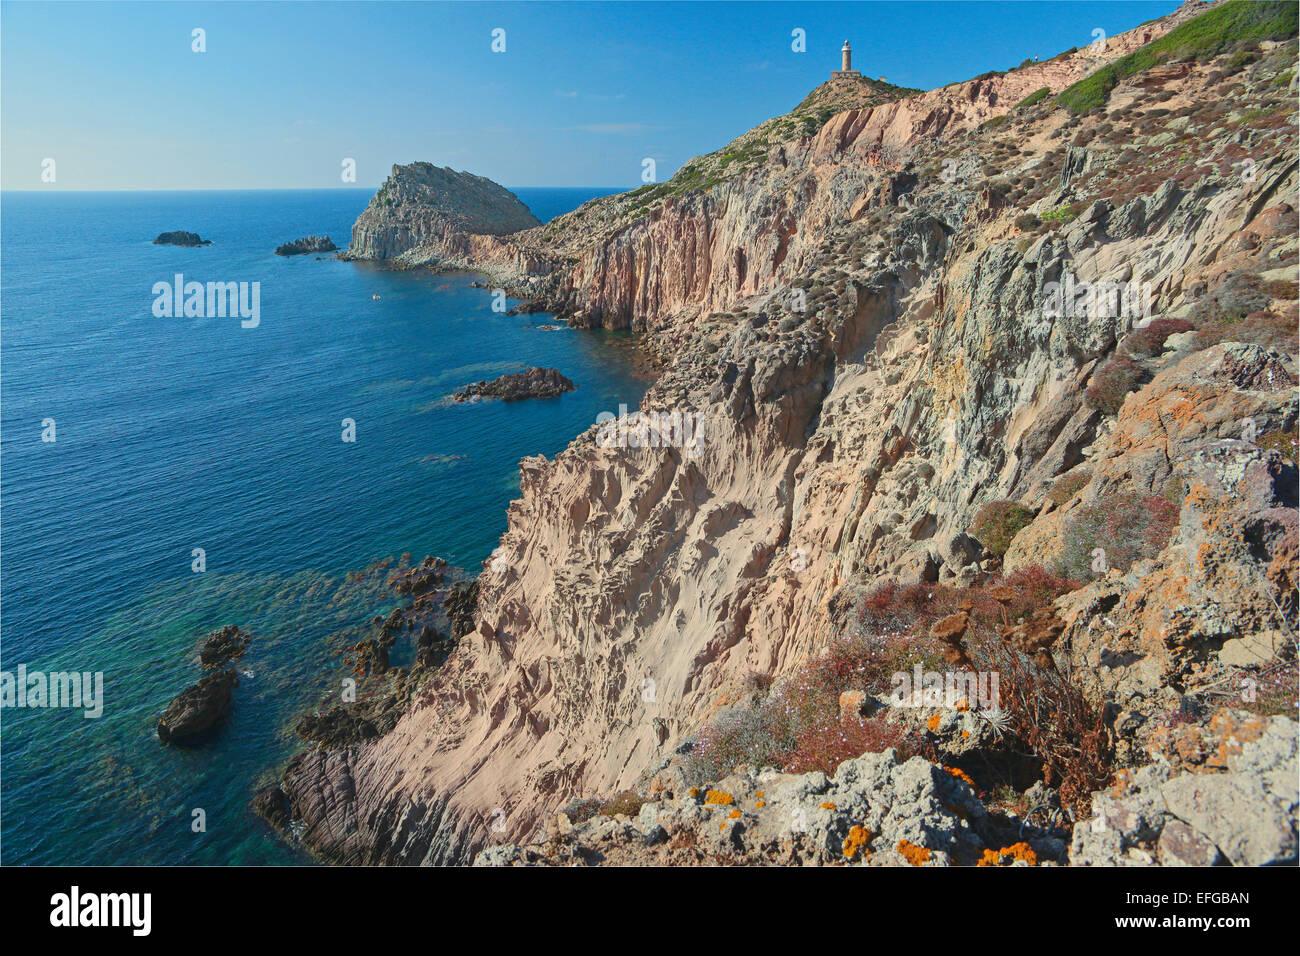 Trachytic imgenes de stock trachytic fotos de stock alamy vista panormica de los acantilados de capo sandalo con faro la isla de san sciox Gallery